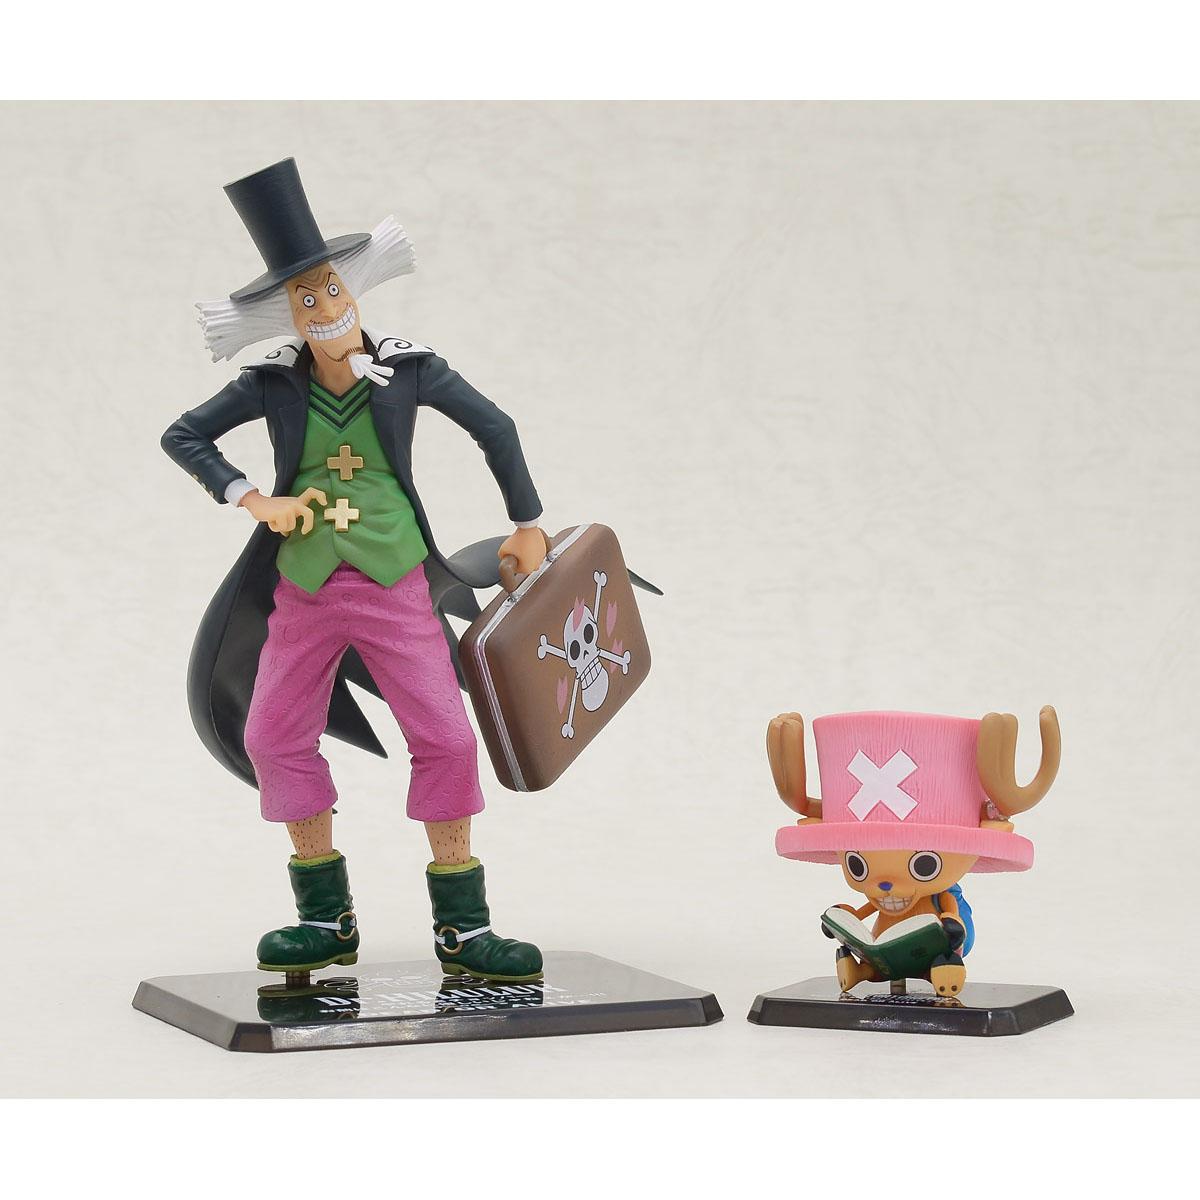 Figuarts Zero 海賊王 喬巴&Dr.西爾爾克,官方圖片。